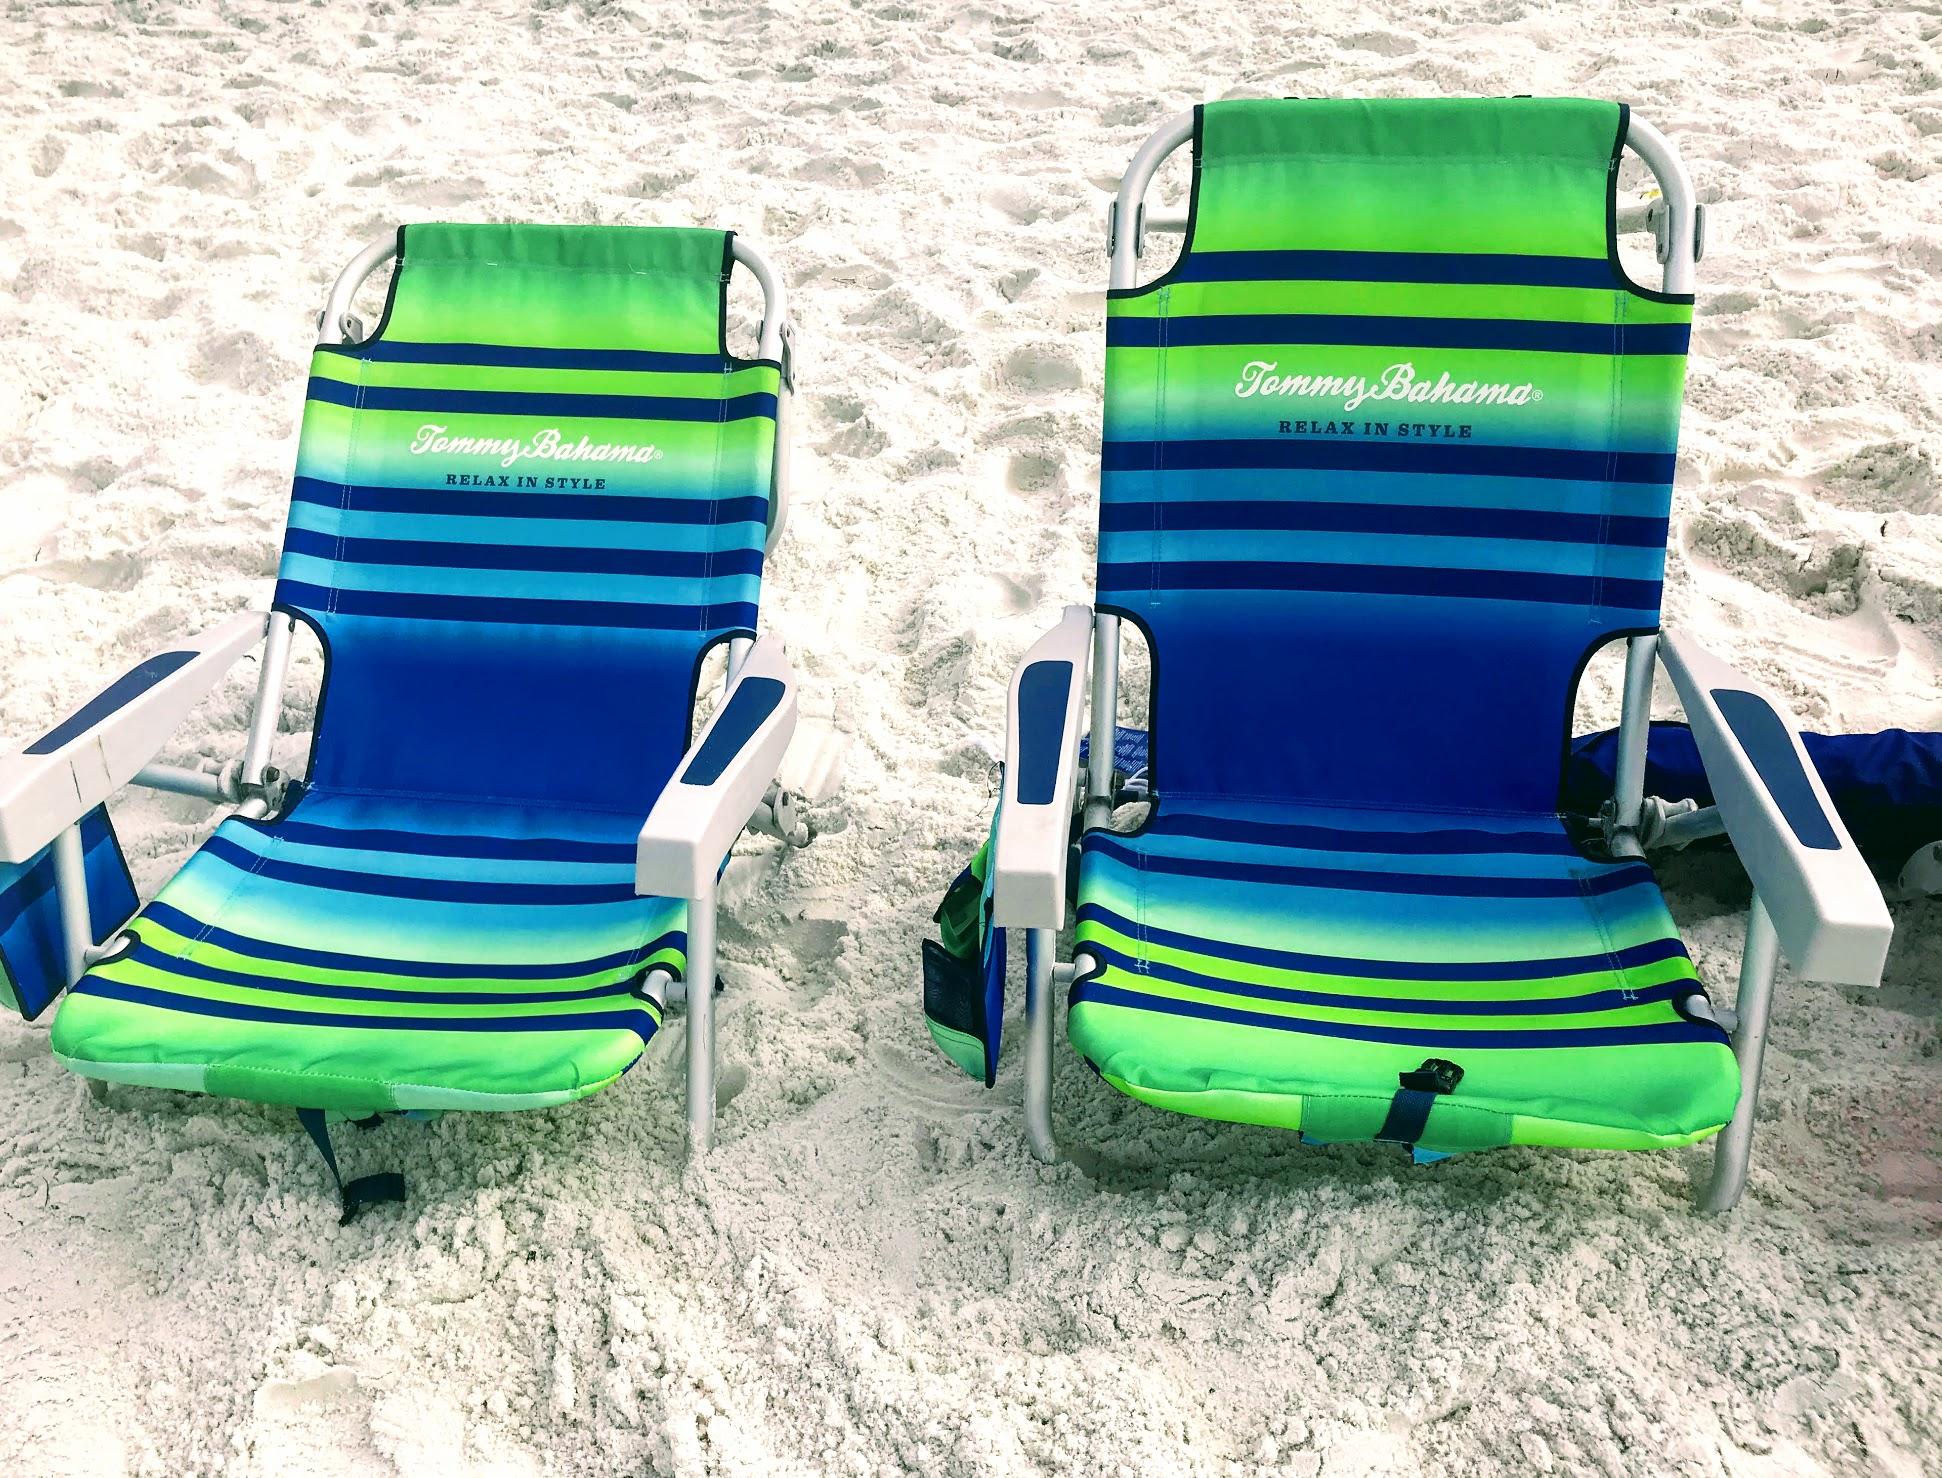 Tommy Bahama Beach Chair set